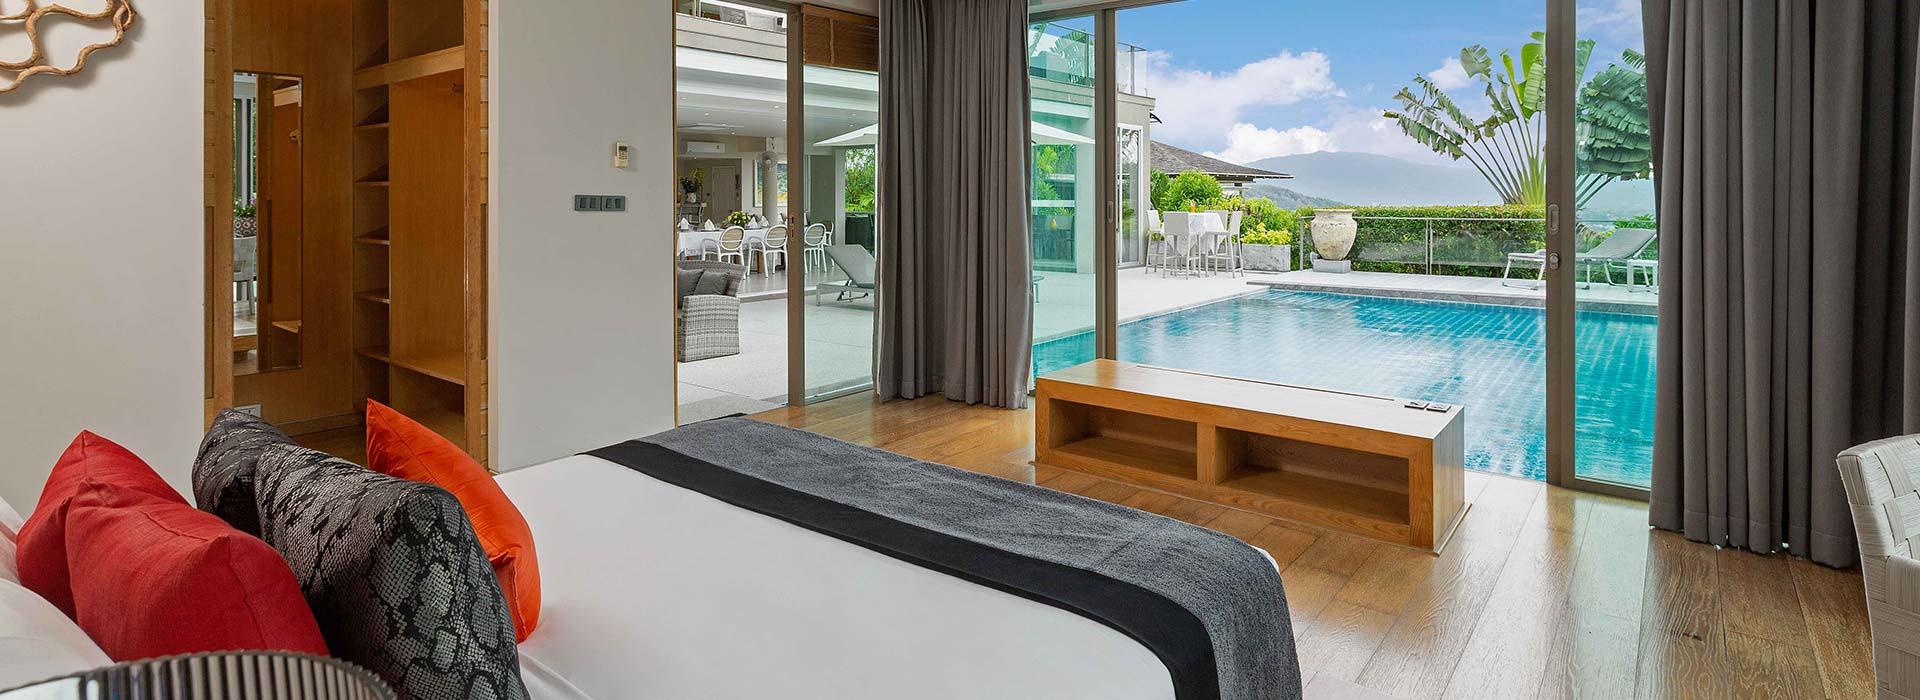 Napalai 6 Bed Villa<br>Layan, Phuket